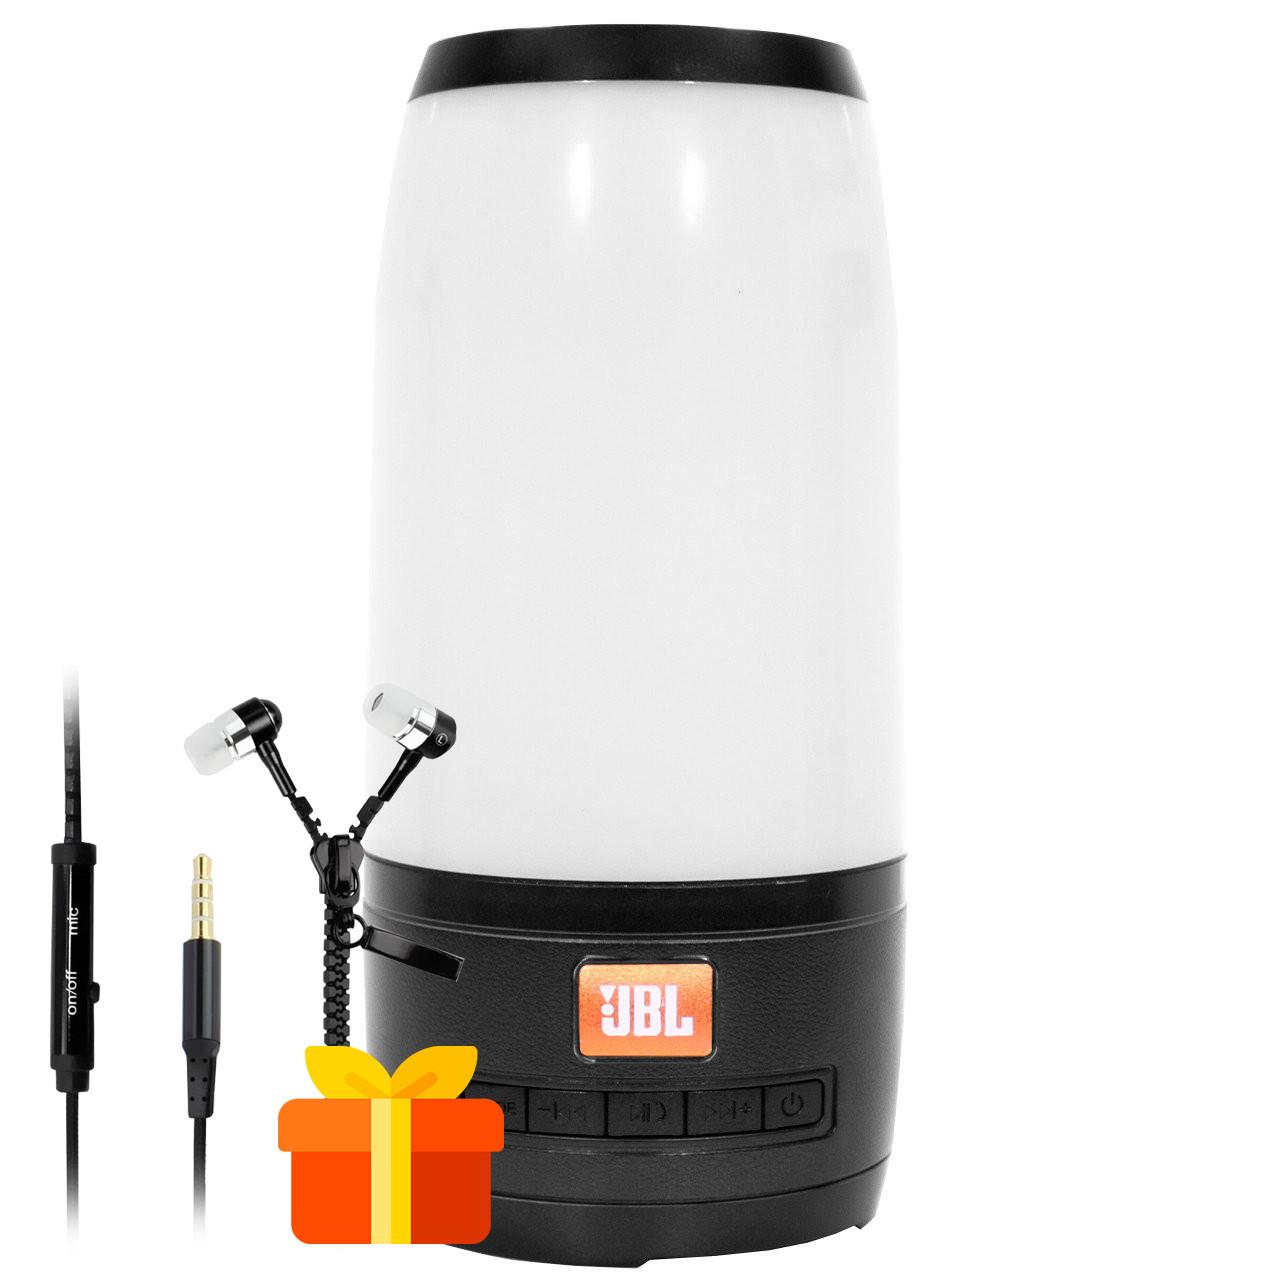 ★Колонка BL JBL Pulse P3 mini Black бумбокс с светомузыкой мощные басы и высокие частоты воспроизведения